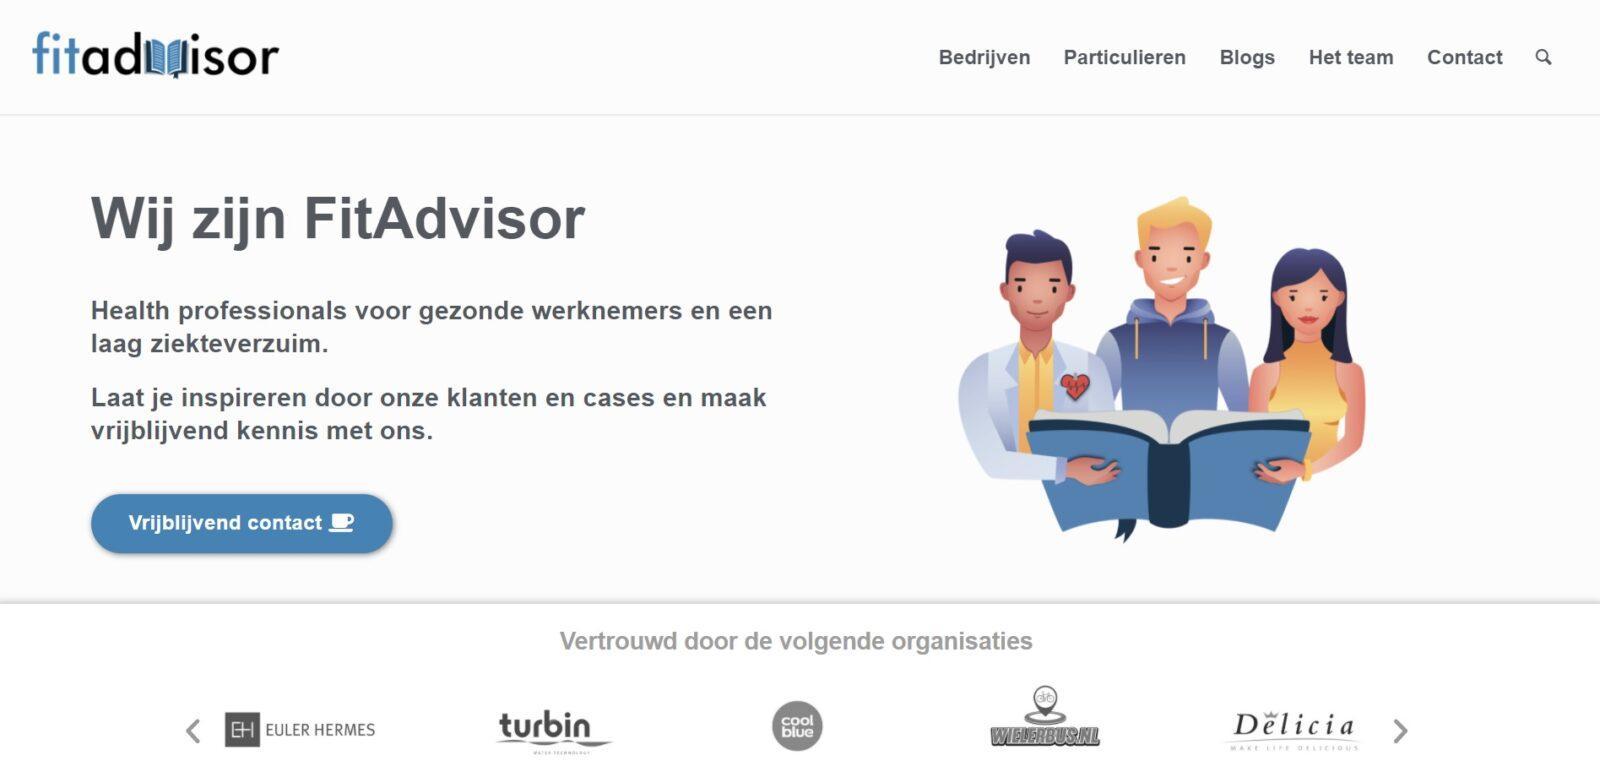 fitadvisor e-commerce